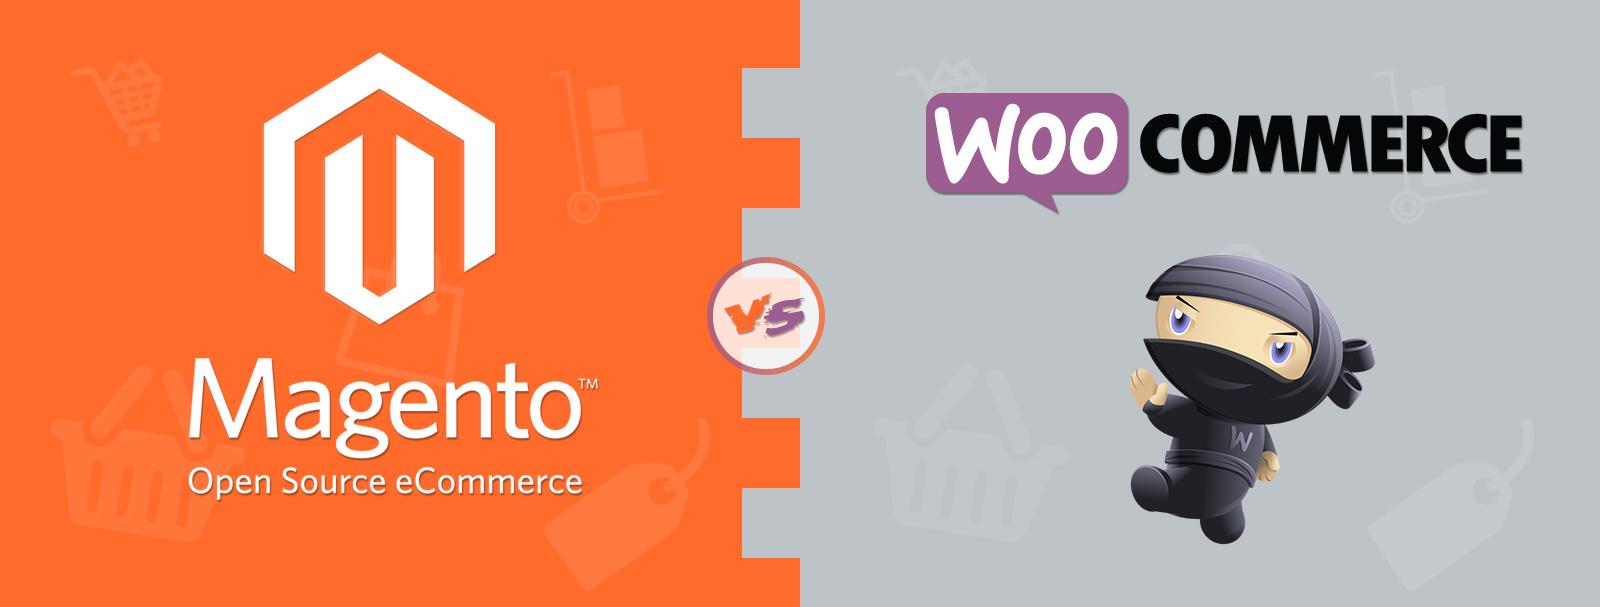 Magento Vs Woocommerce: guida alla scelta